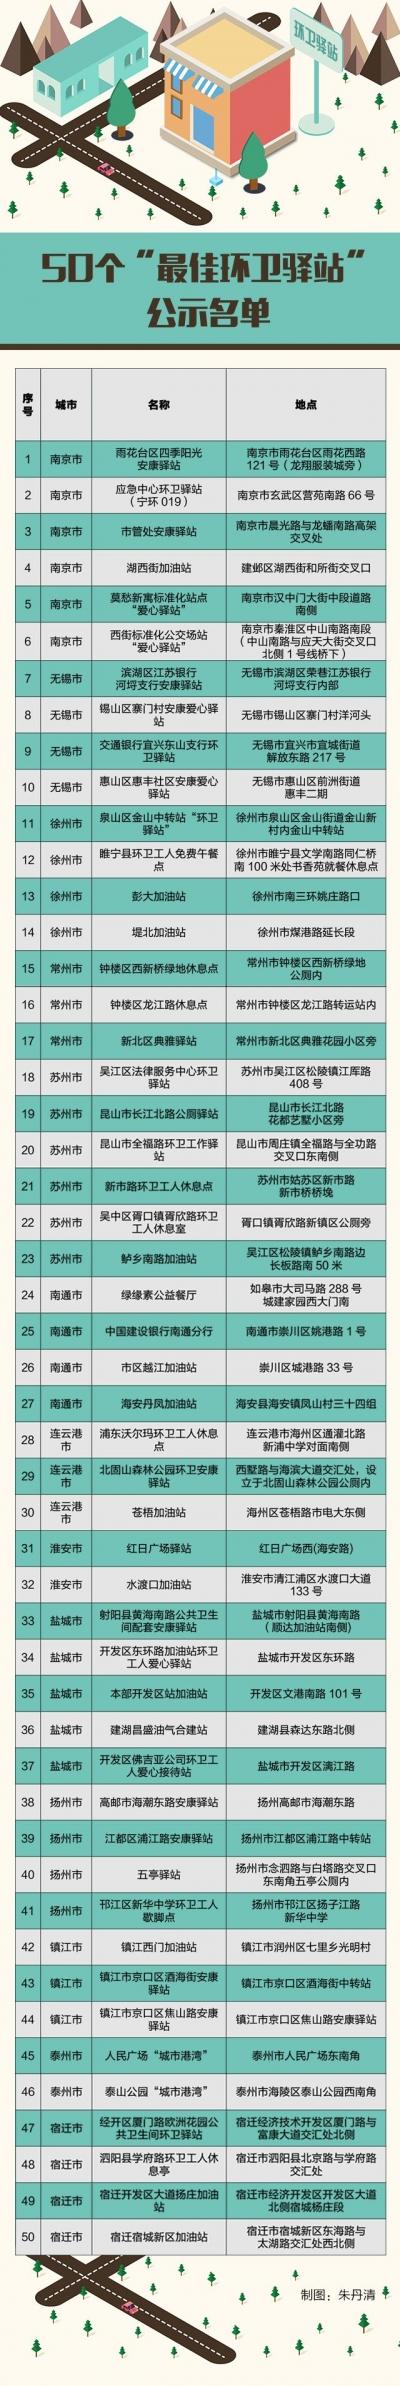 江苏最佳环卫驿站、最美环卫工人拟定名单公示啦!有你认识的吗?